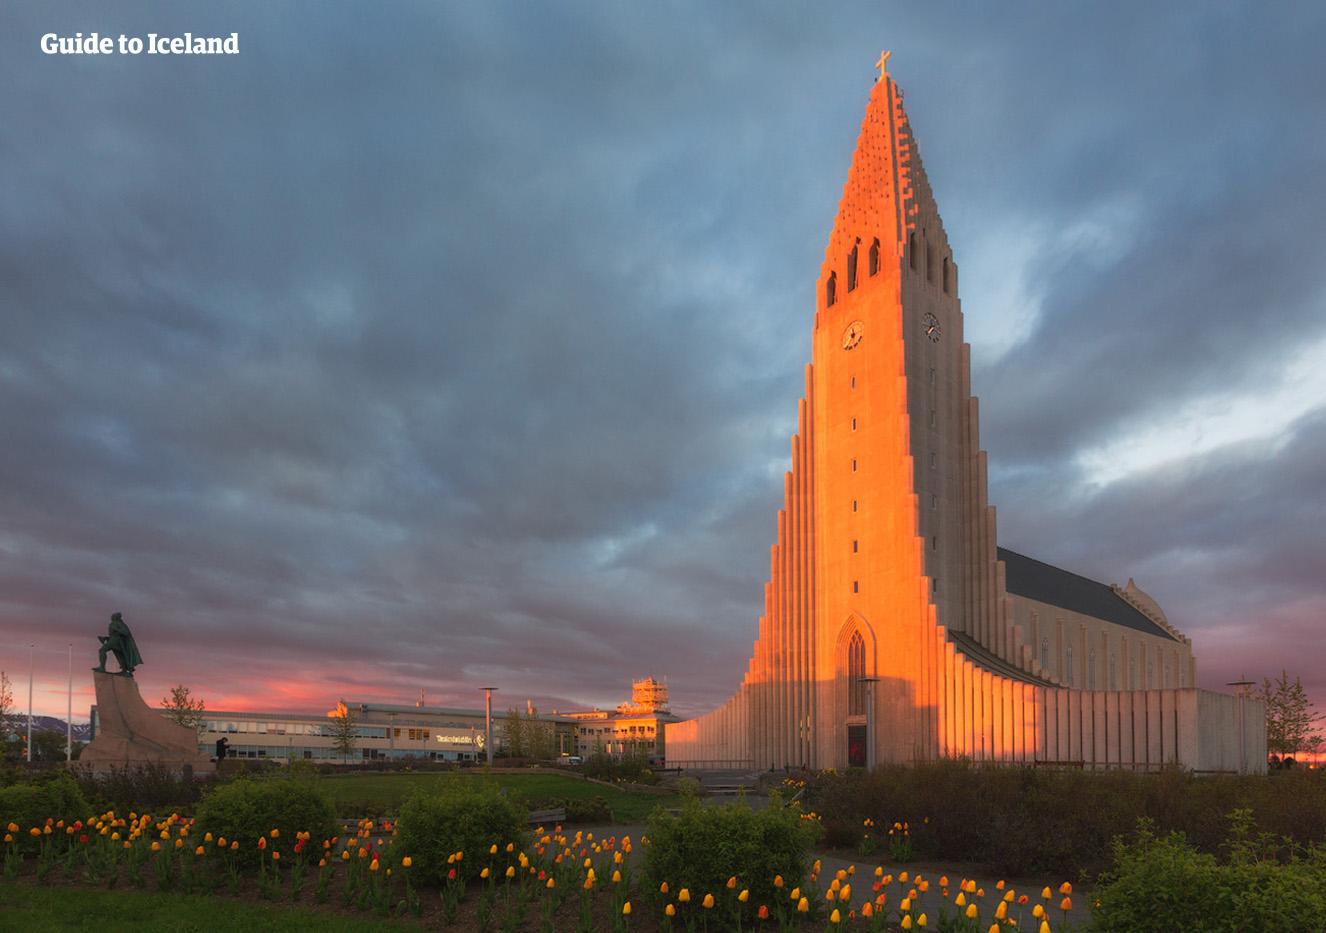 雷克雅未克市中心的哈尔格林姆斯大教堂在午夜阳光下的壮观景象